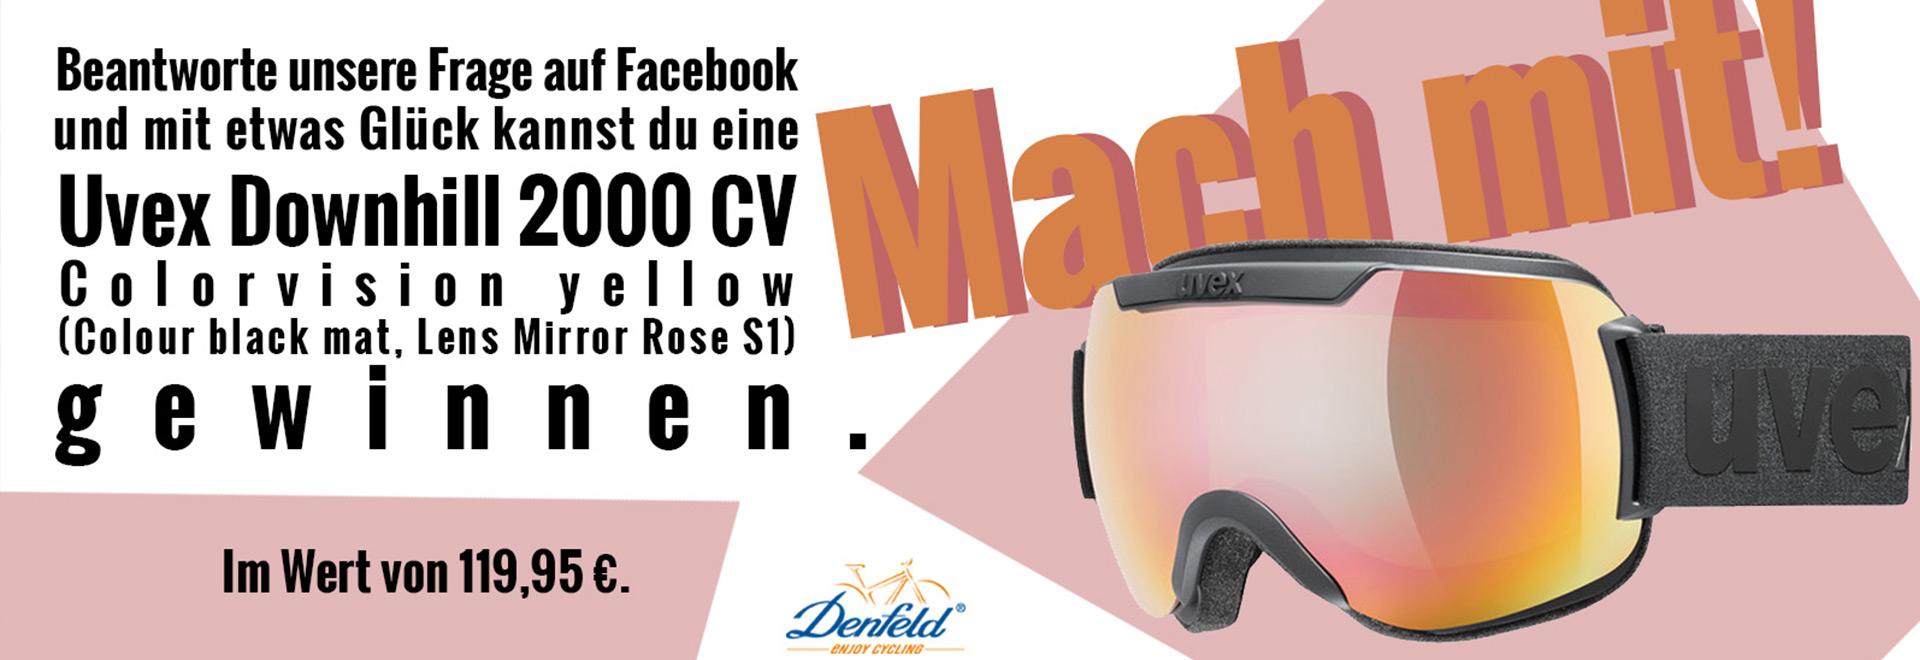 Gewinnspiel auf unserer Facebookseite